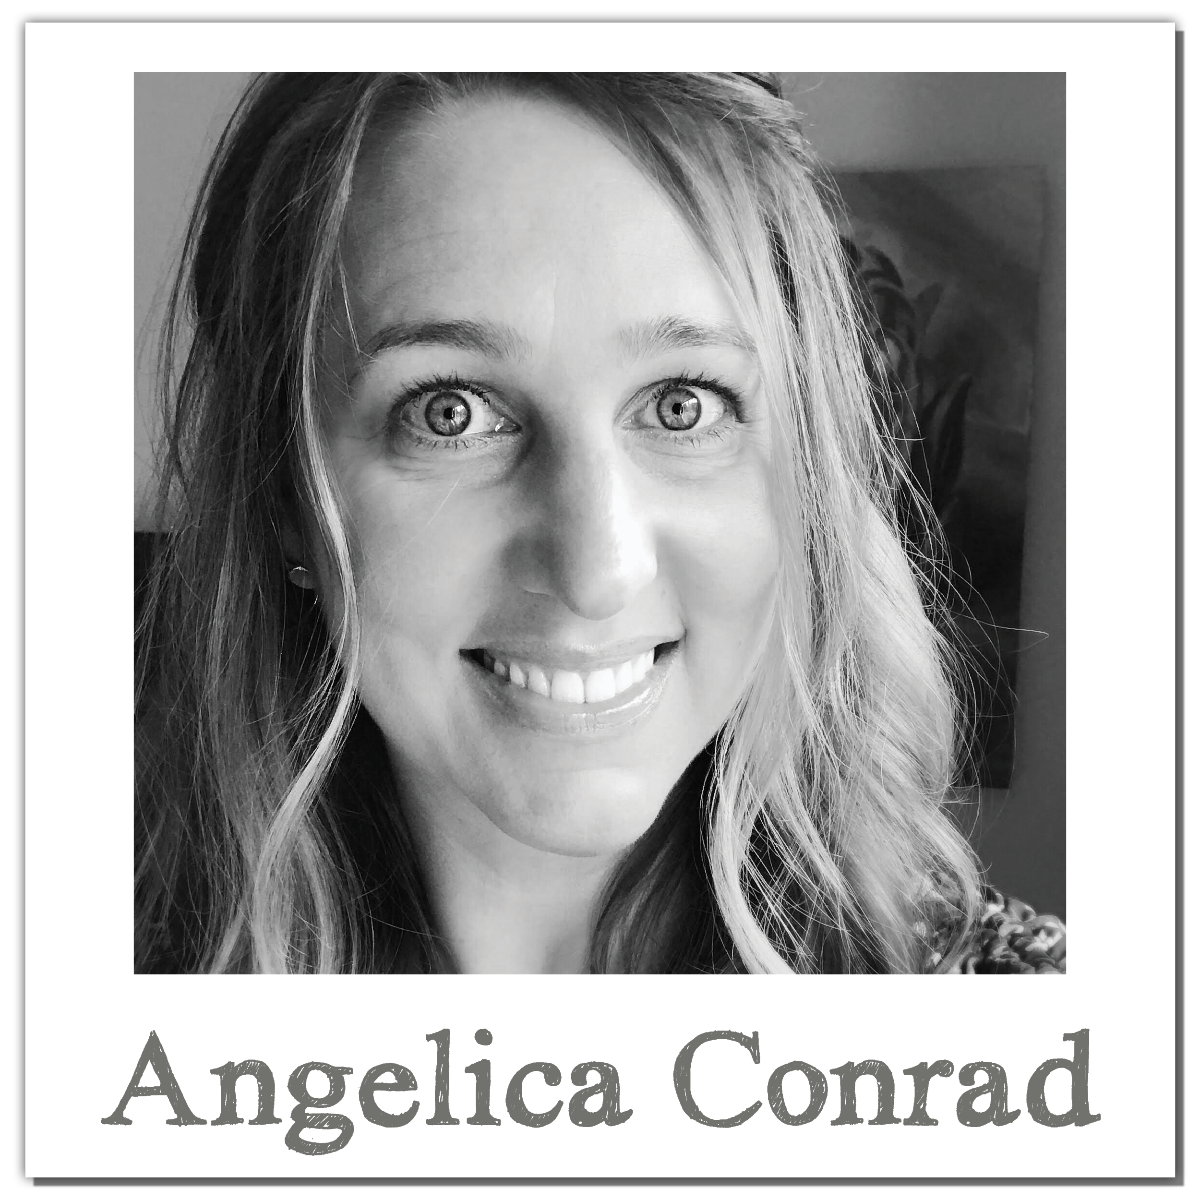 Angelica Conrad